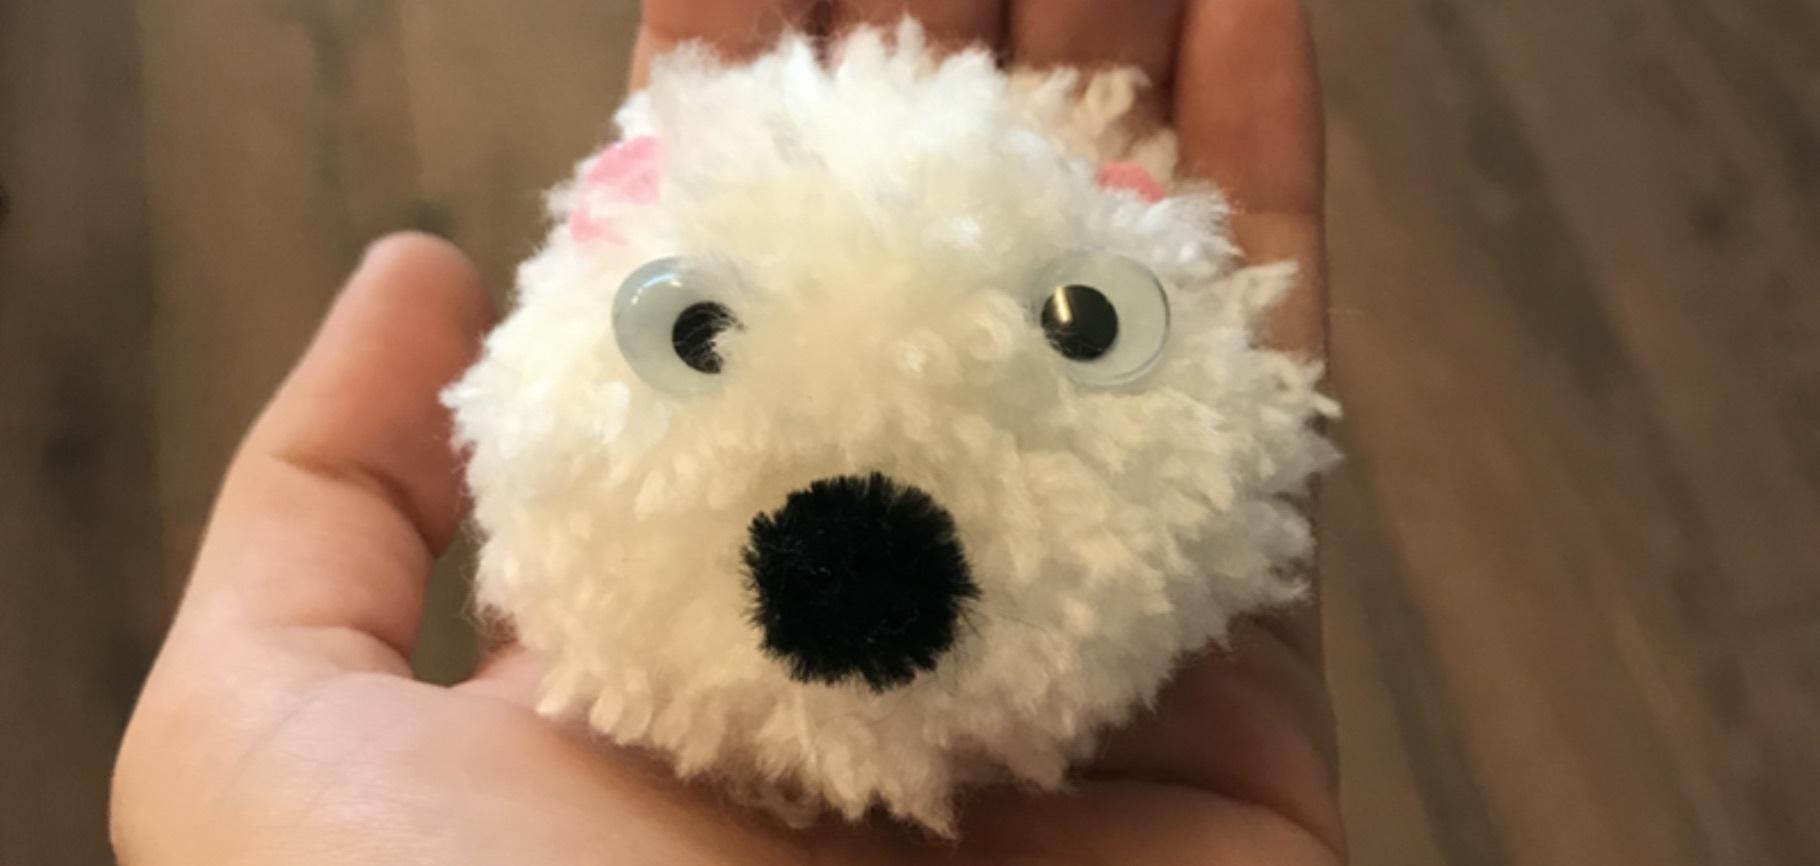 Fabriquez votre propre ours polaire en pompon !